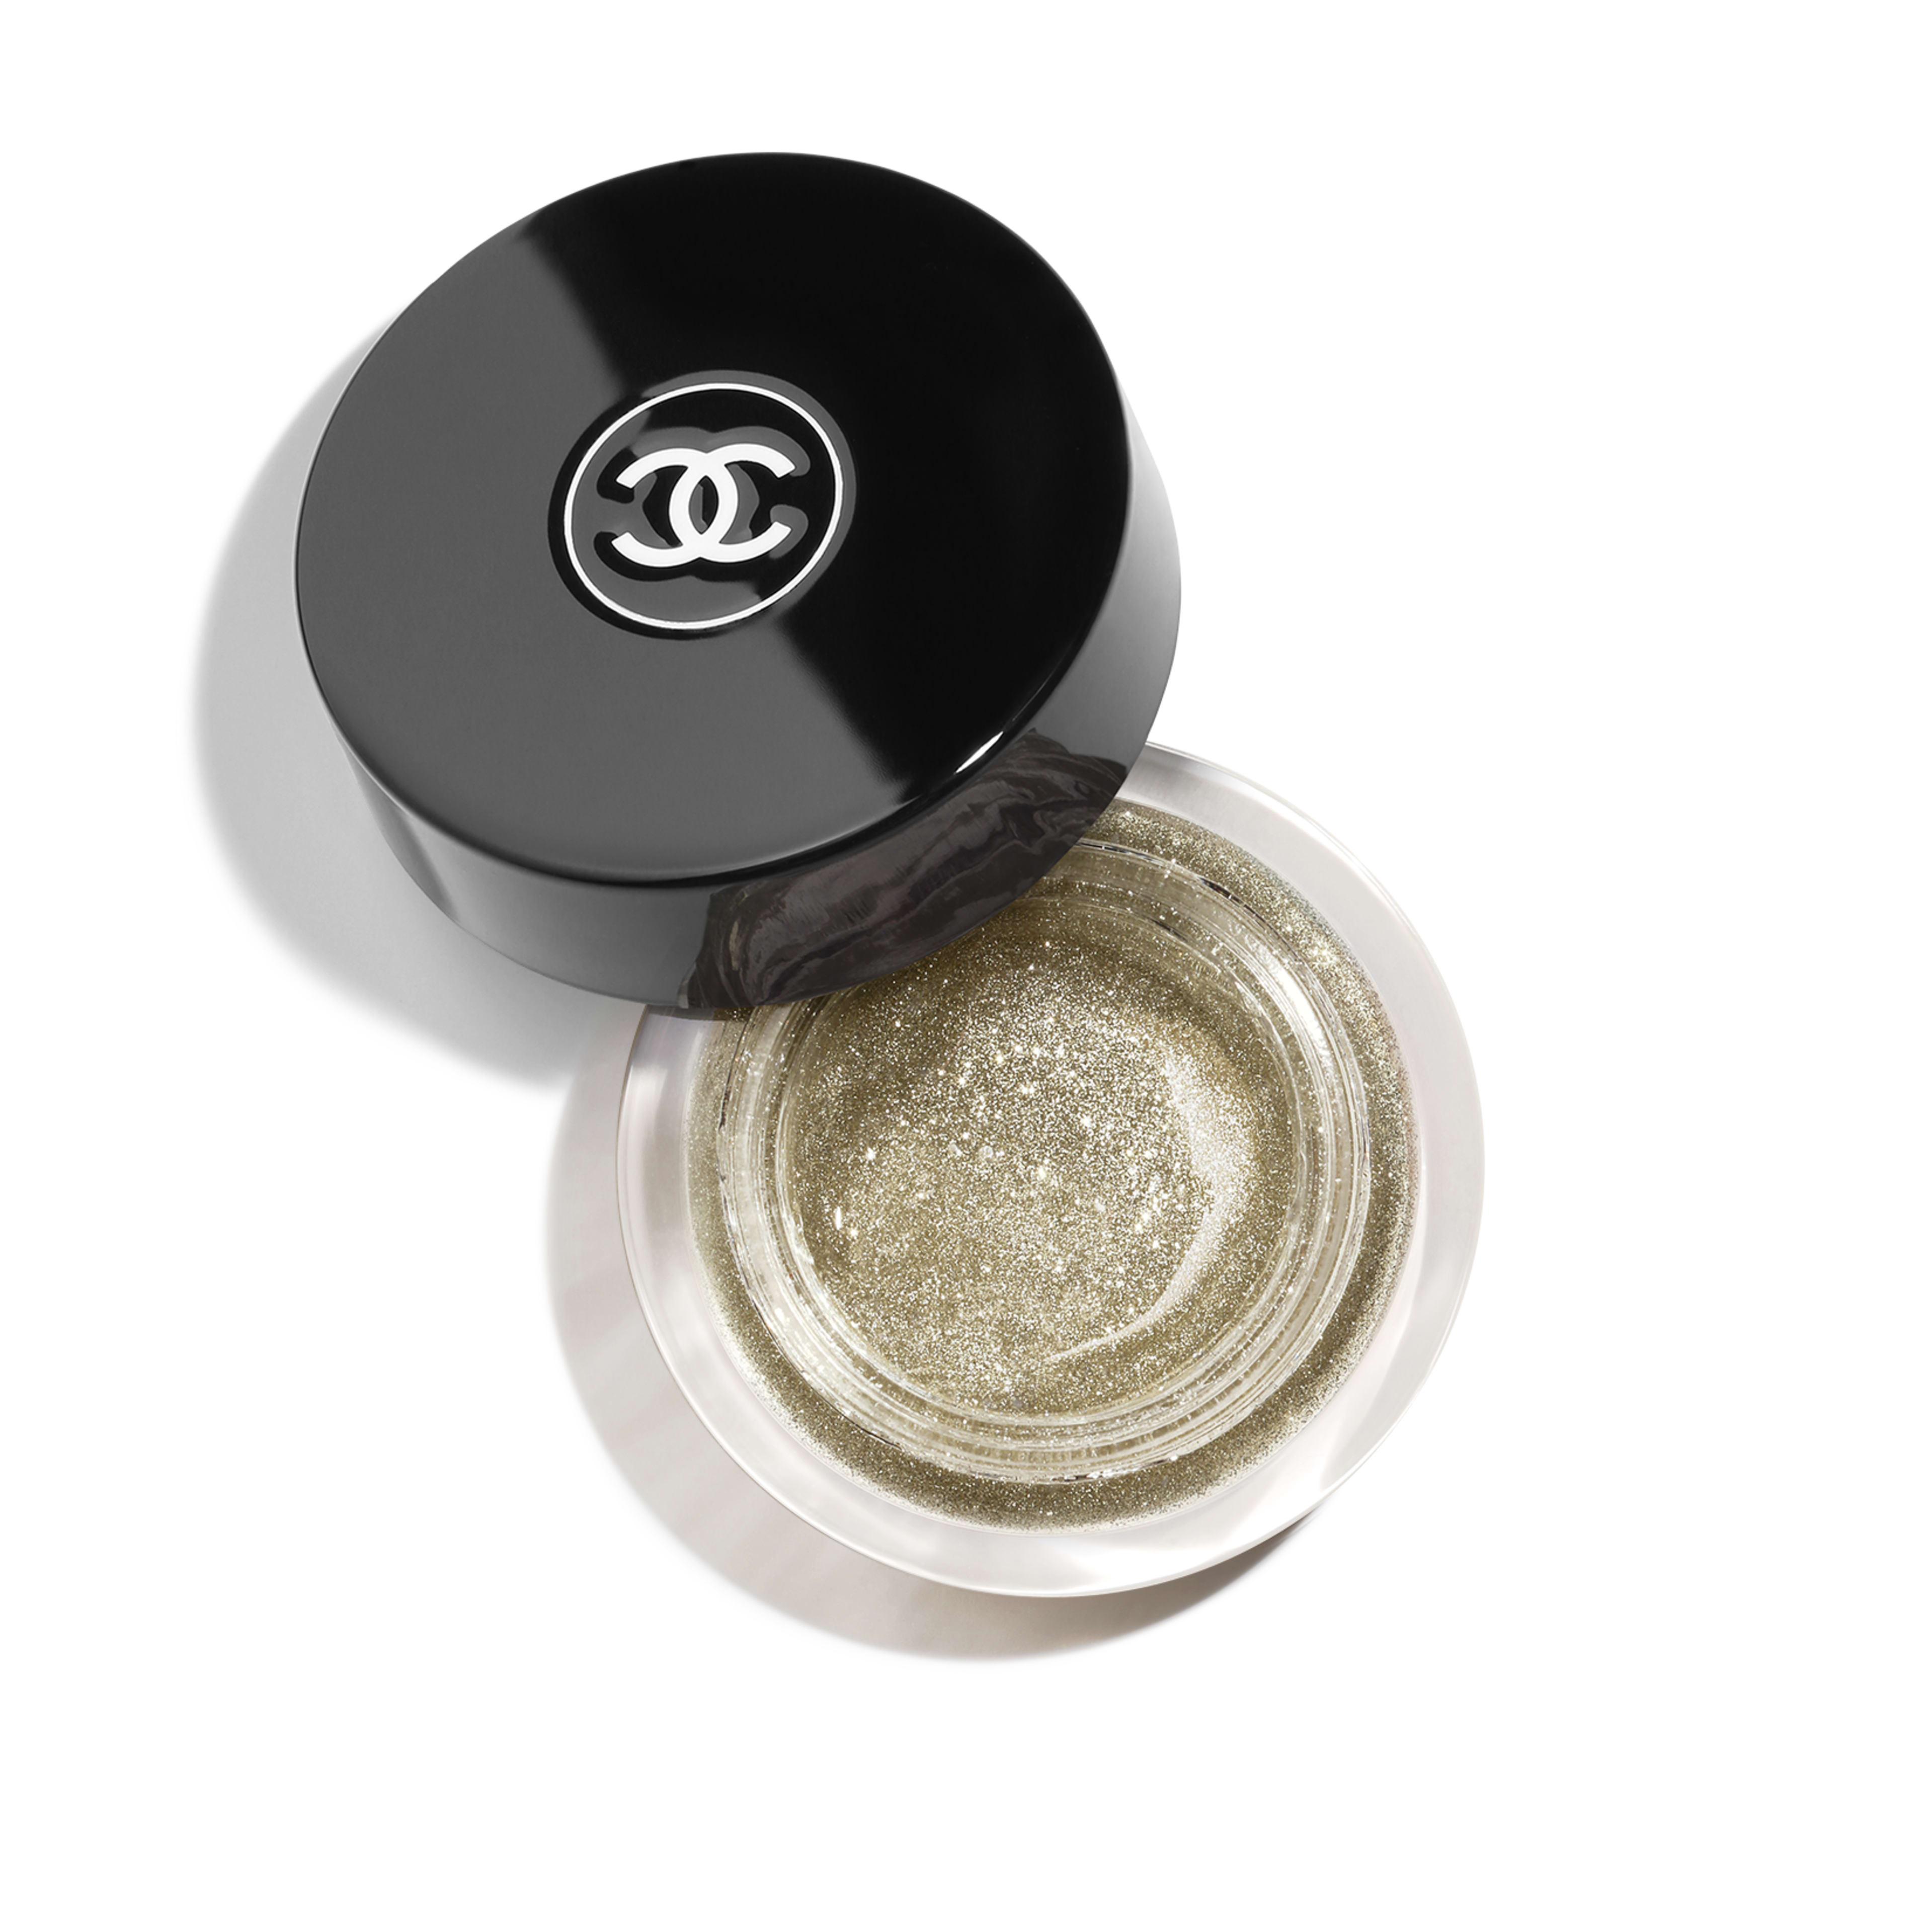 LE GEL PAILLETÉ - makeup - 0.7OZ. - Default view